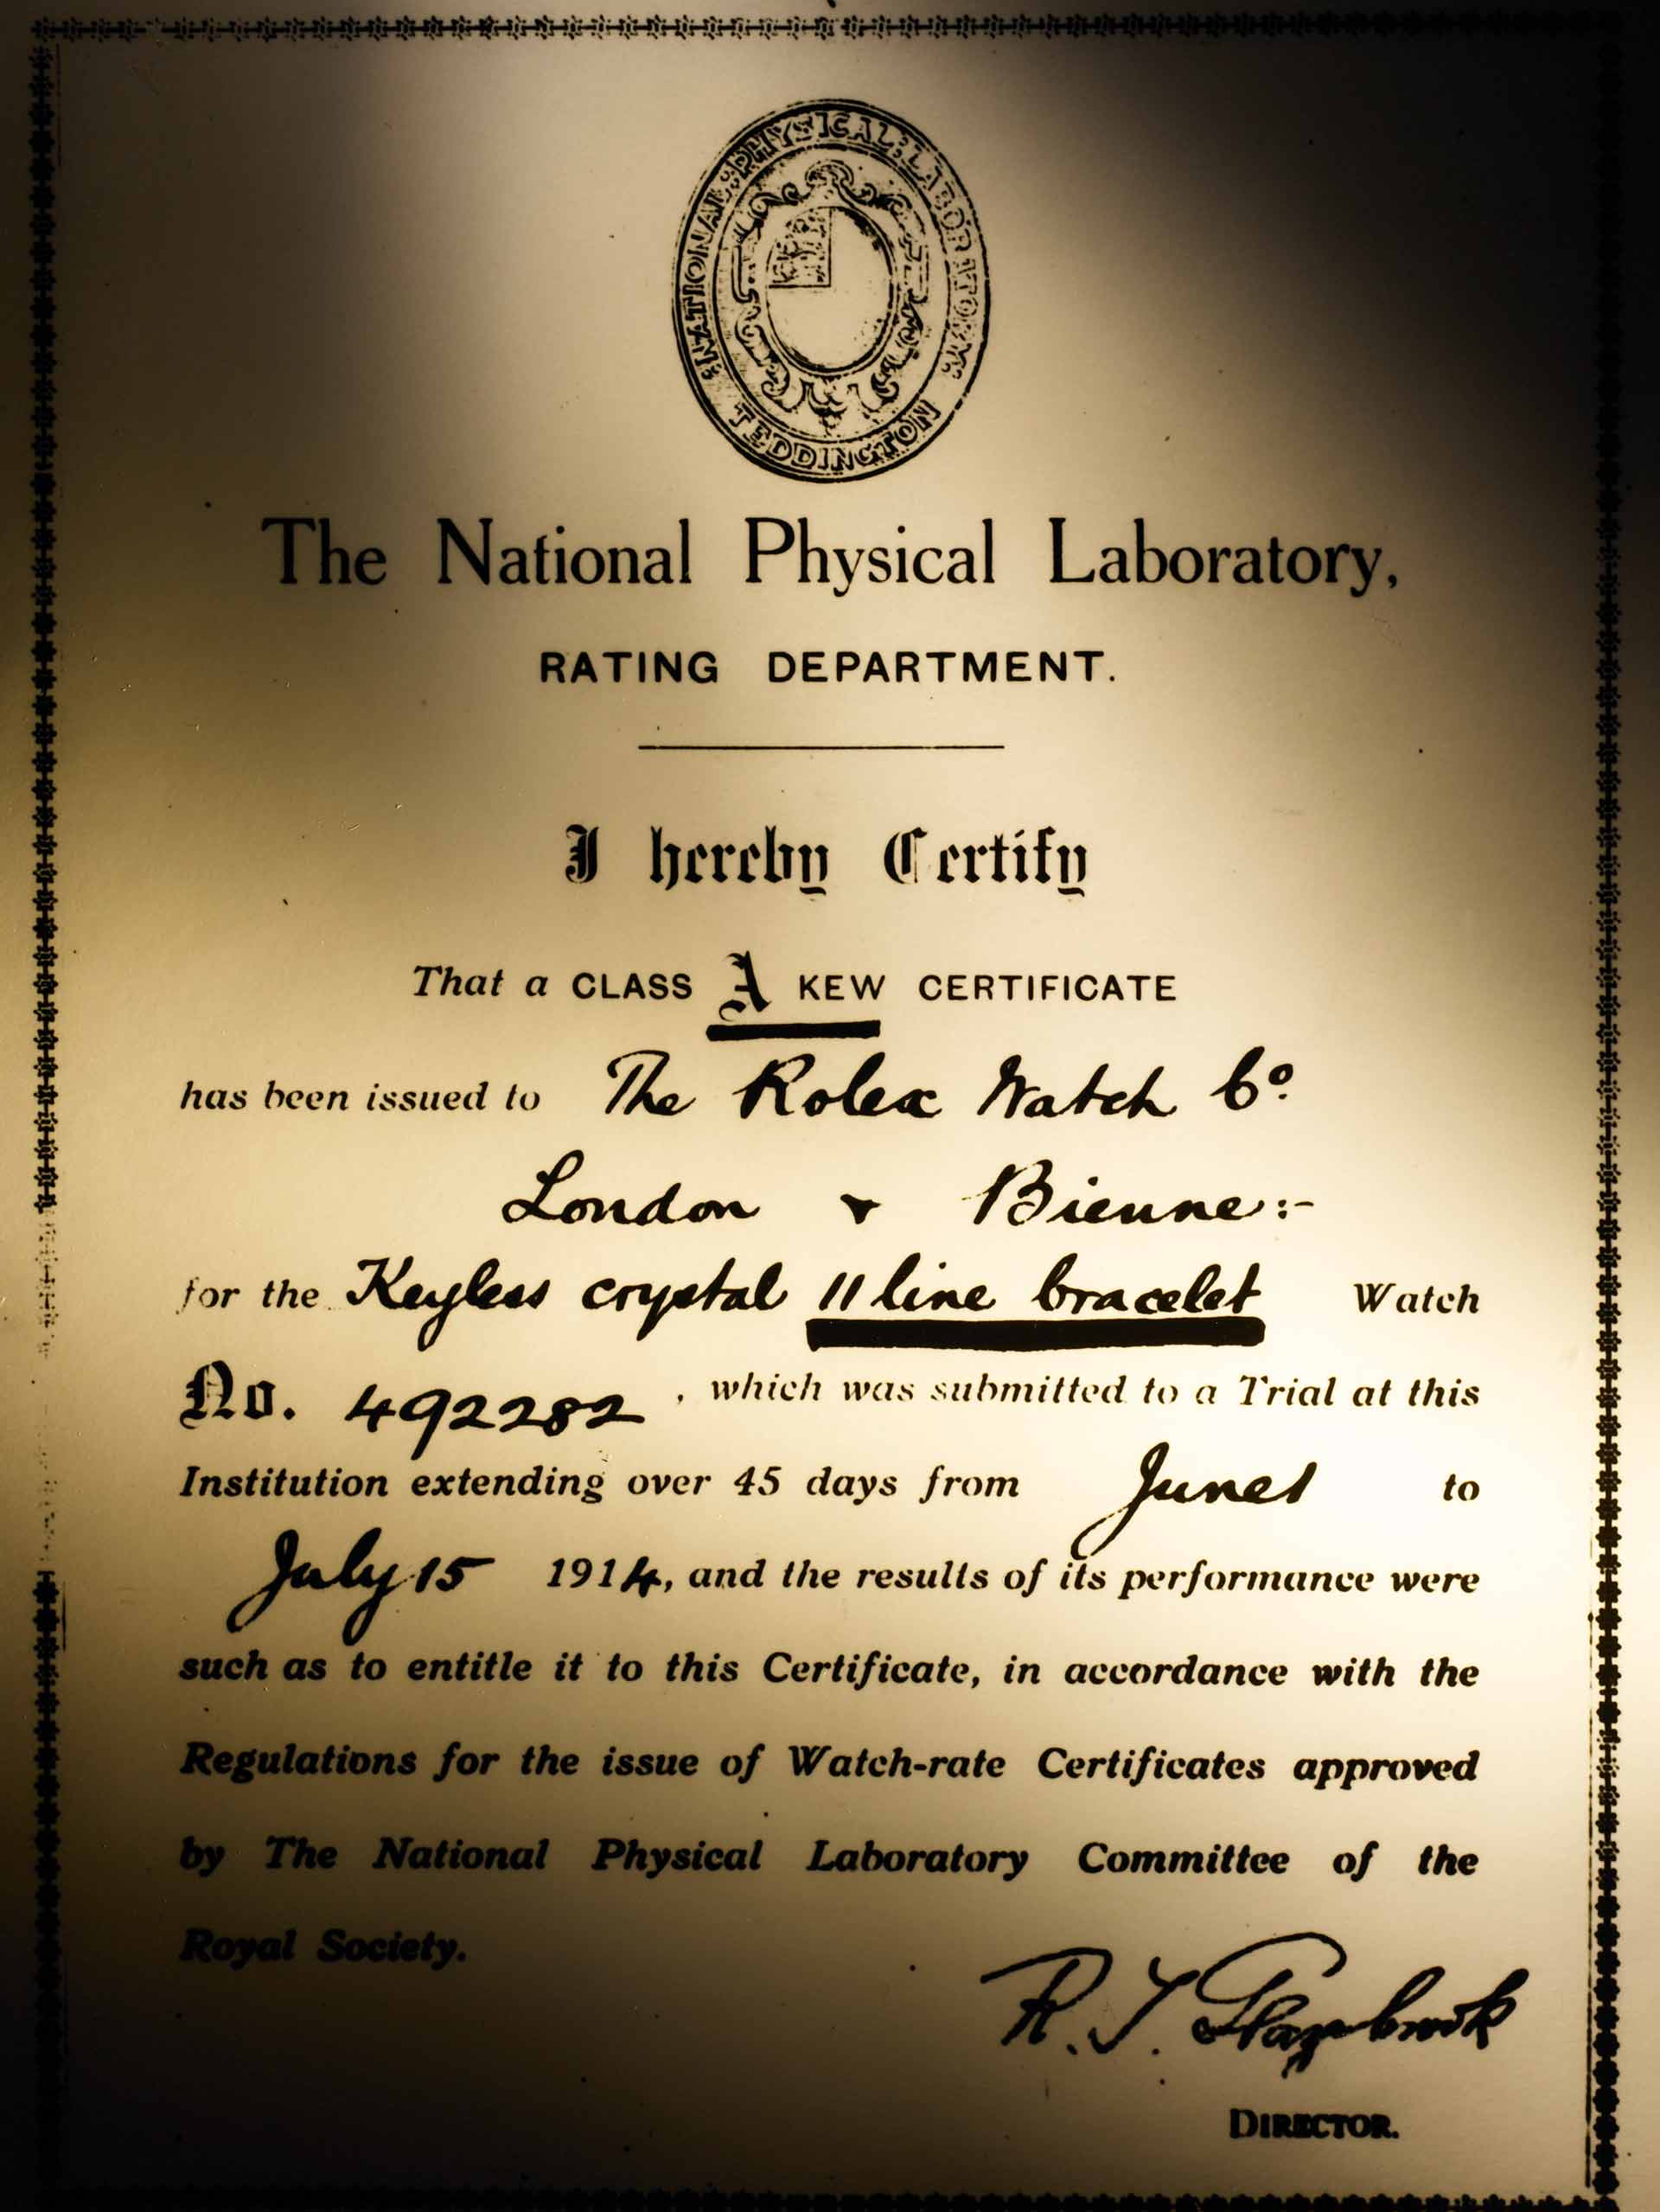 First_class_A_precision_certificate_1914